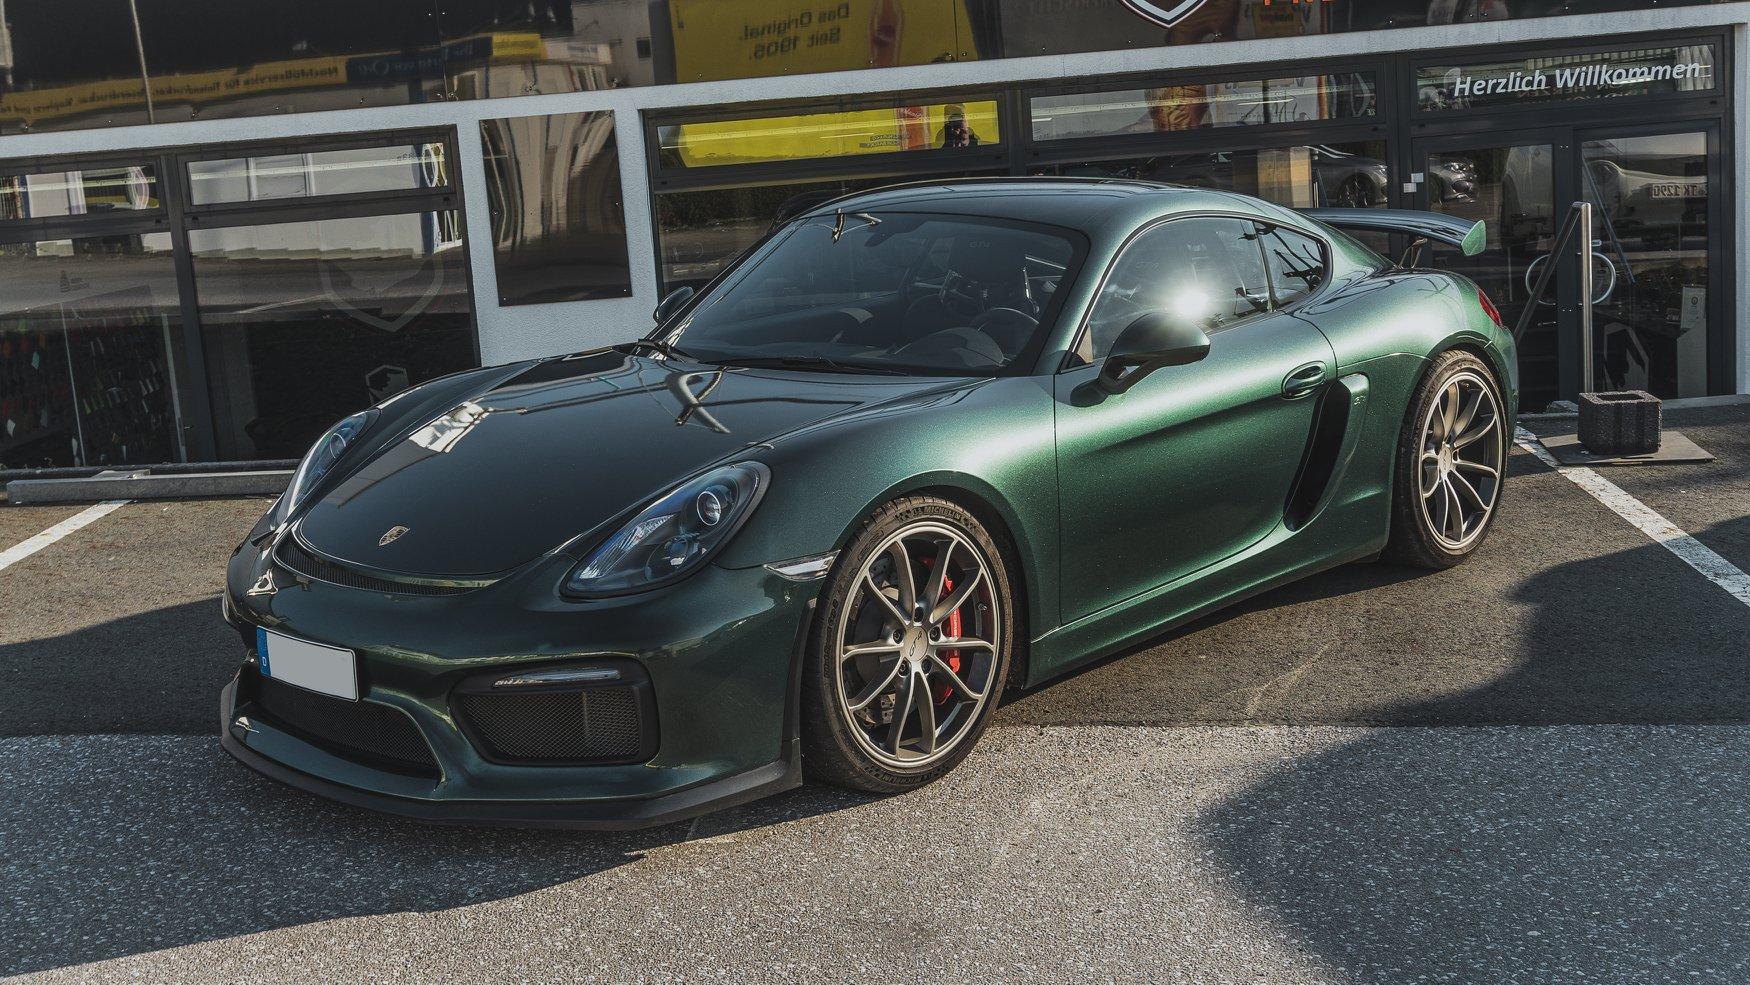 Porsche Cayman GT4 Folierung Porsche Folierung British Green British Racing Folierung Avery